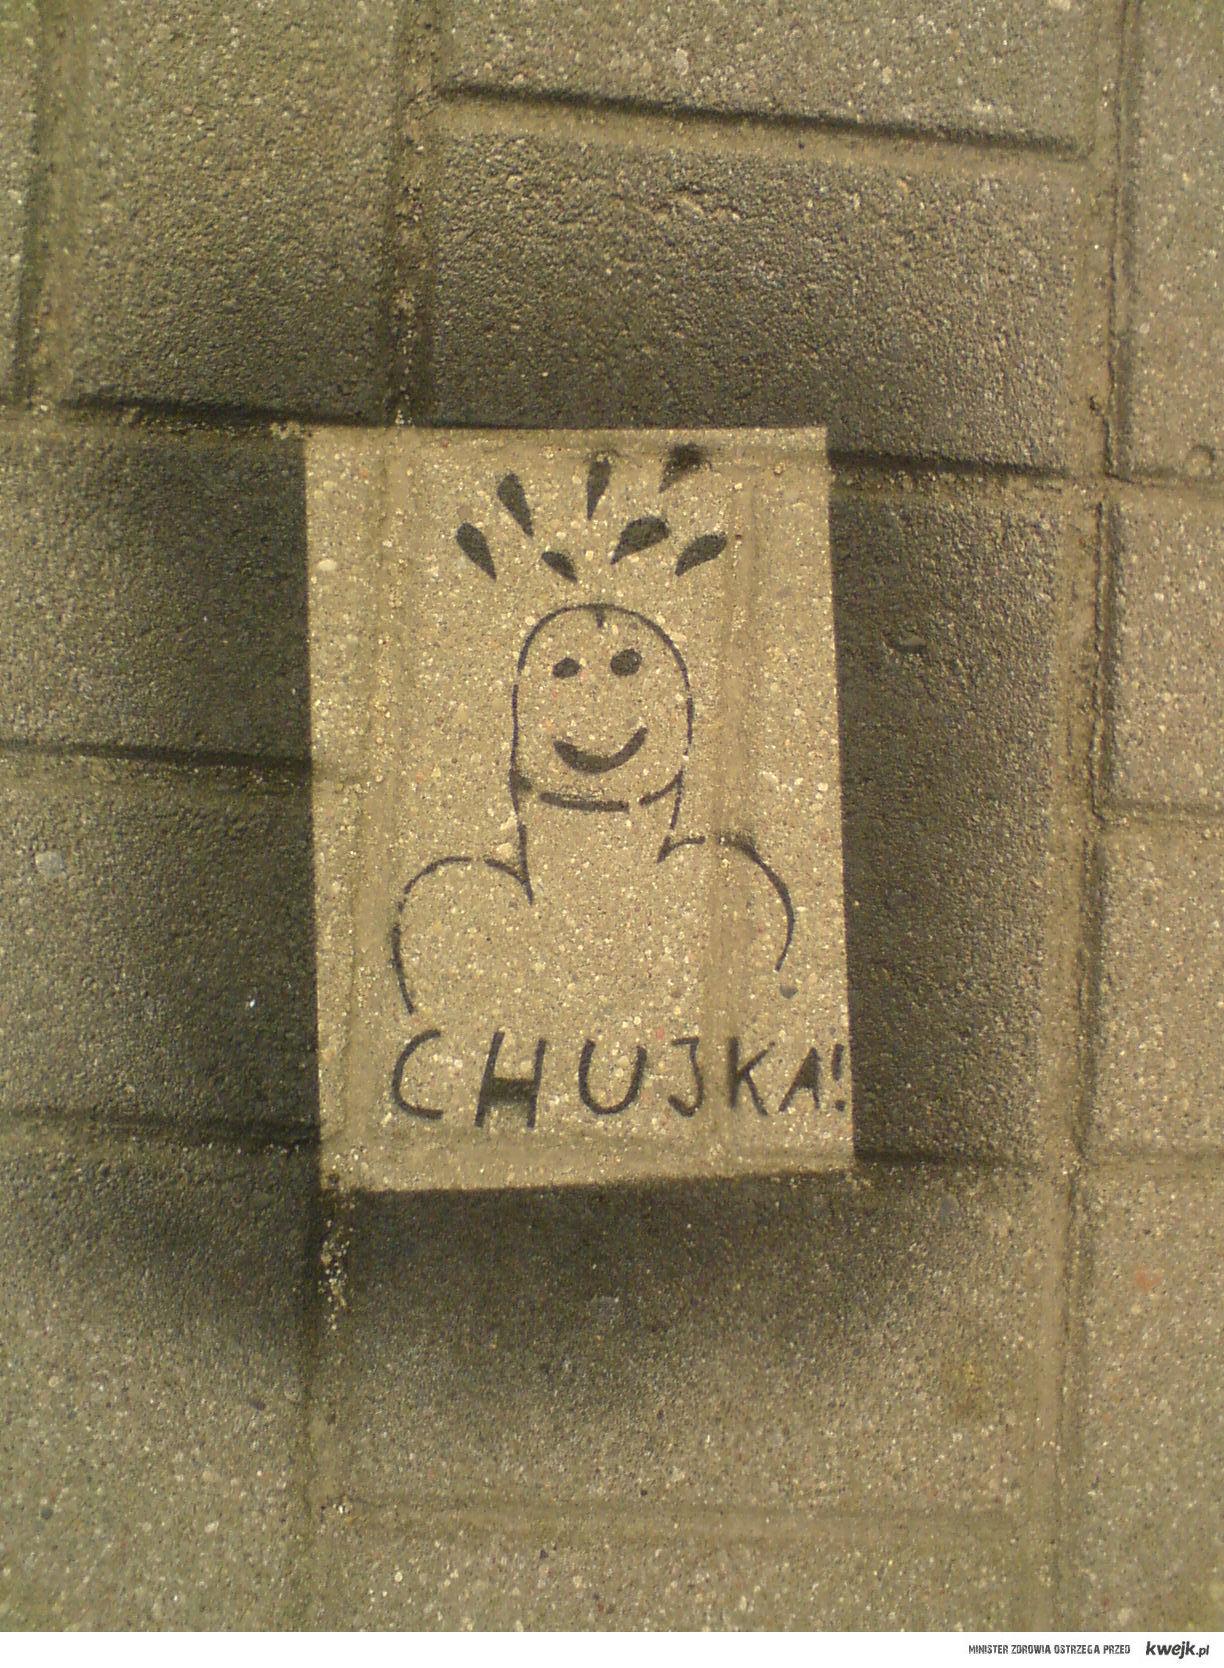 chujka!